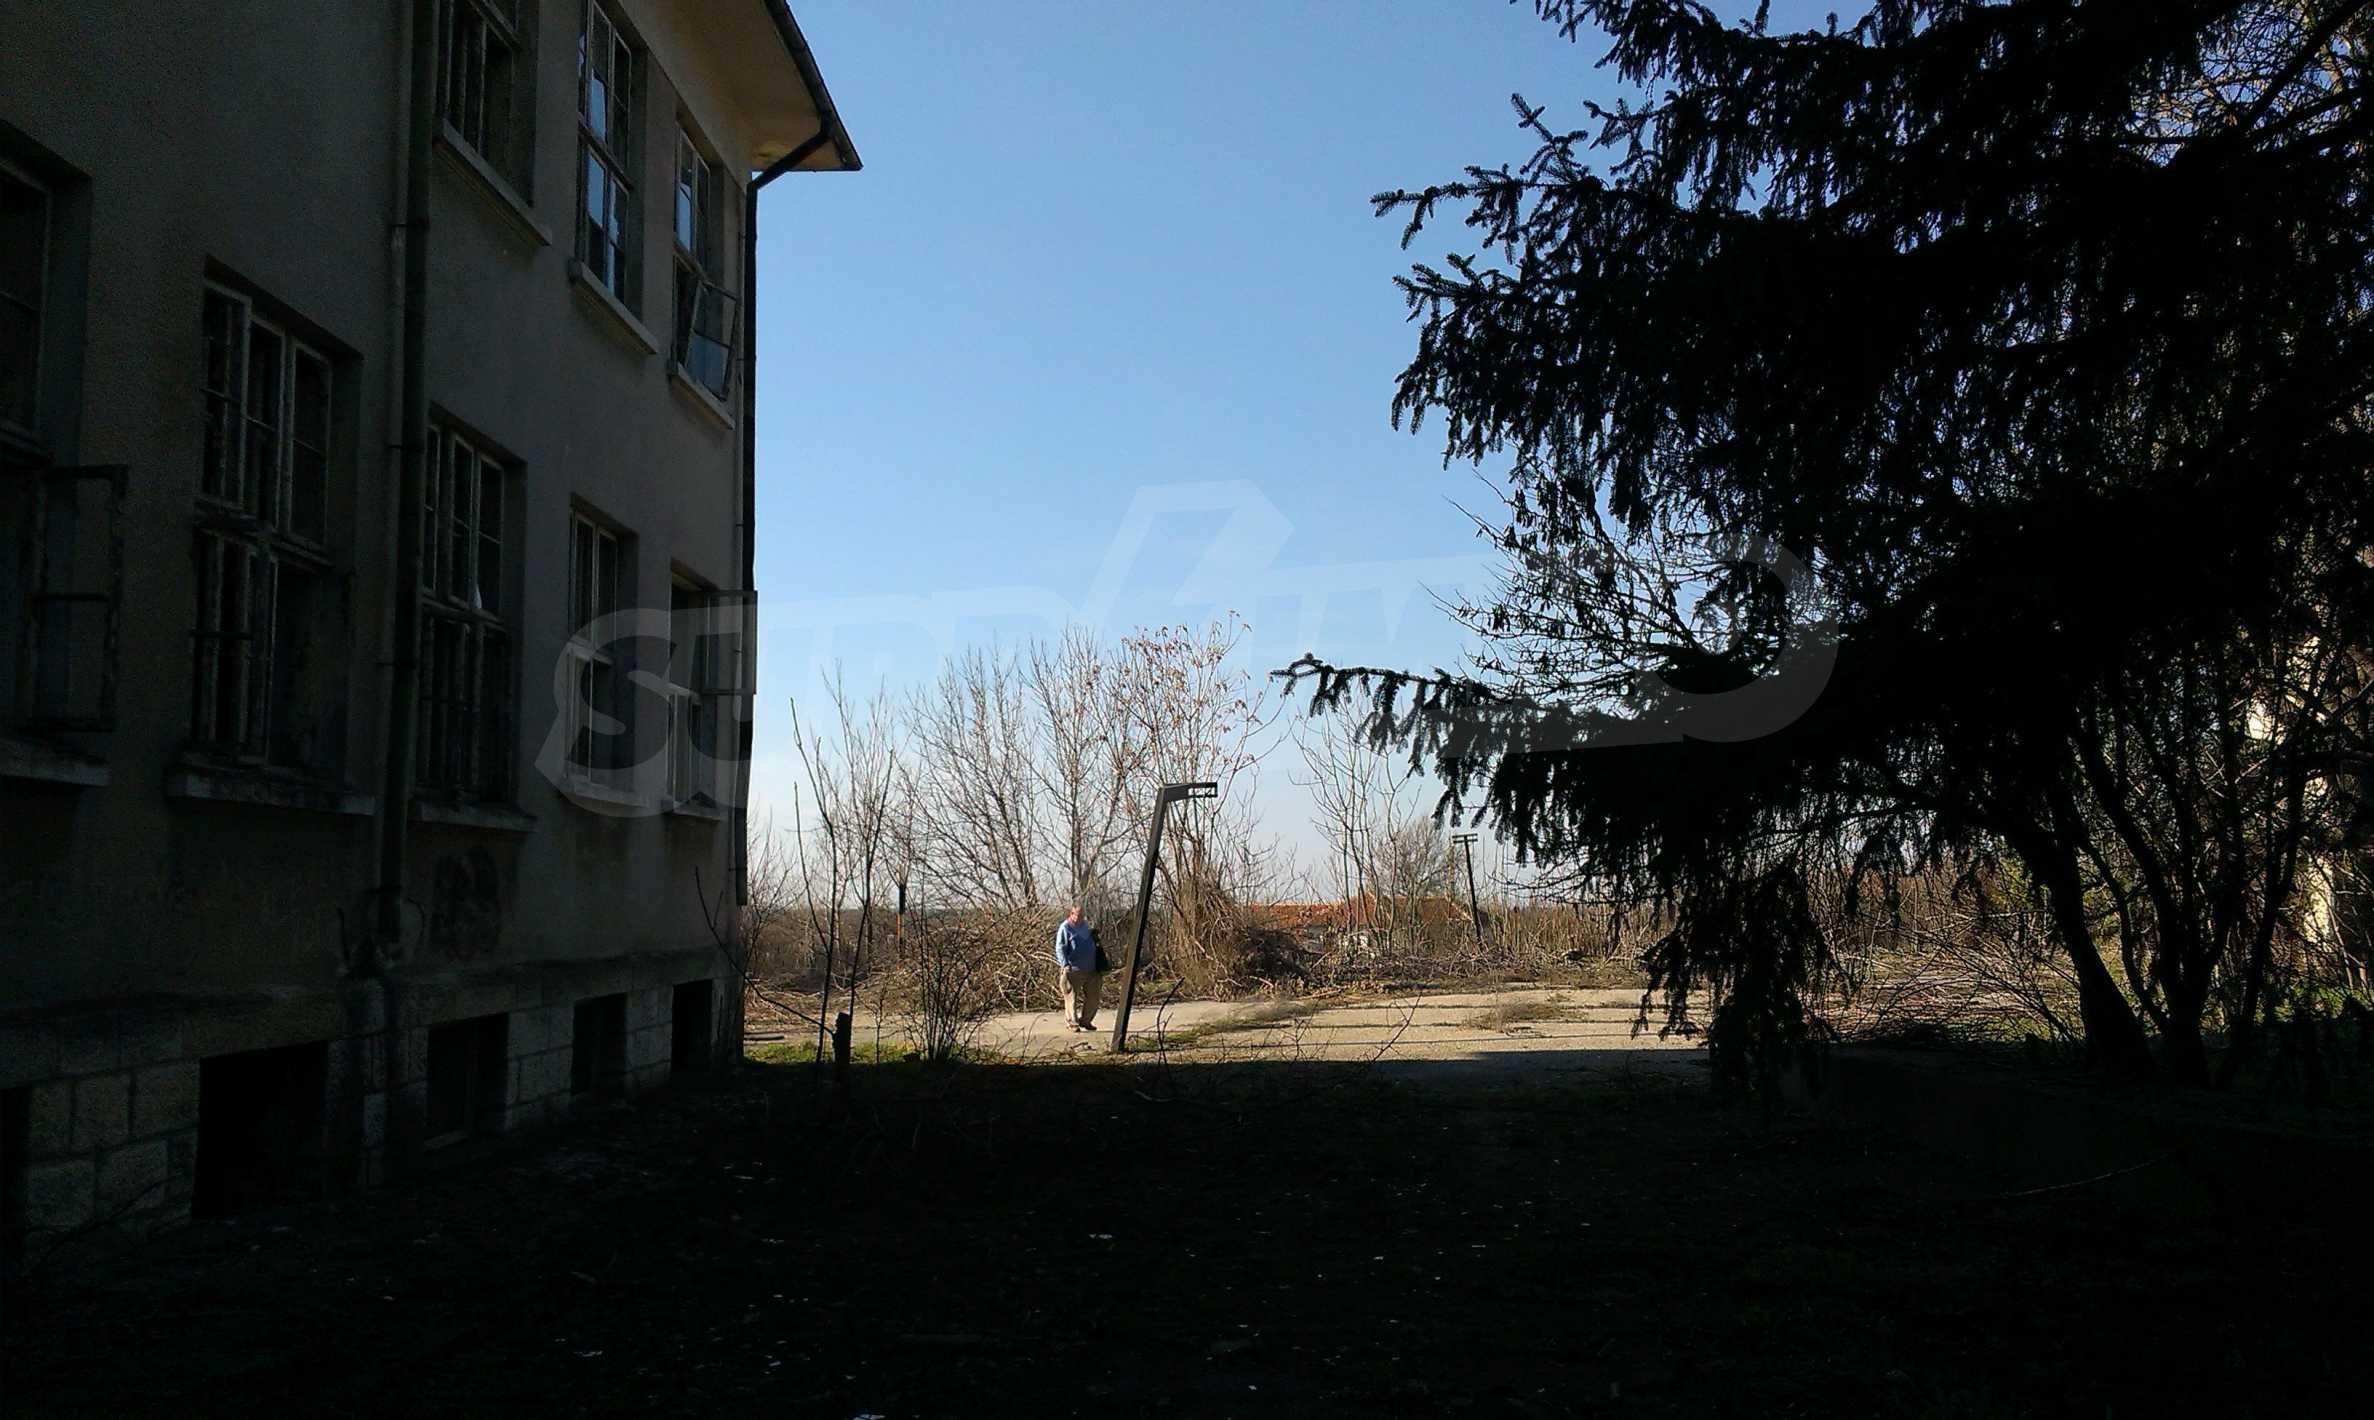 Zwei massive Gebäude auf einem großen Grundstück 35 km von der Stadt Russe und der Donau entfernt 57